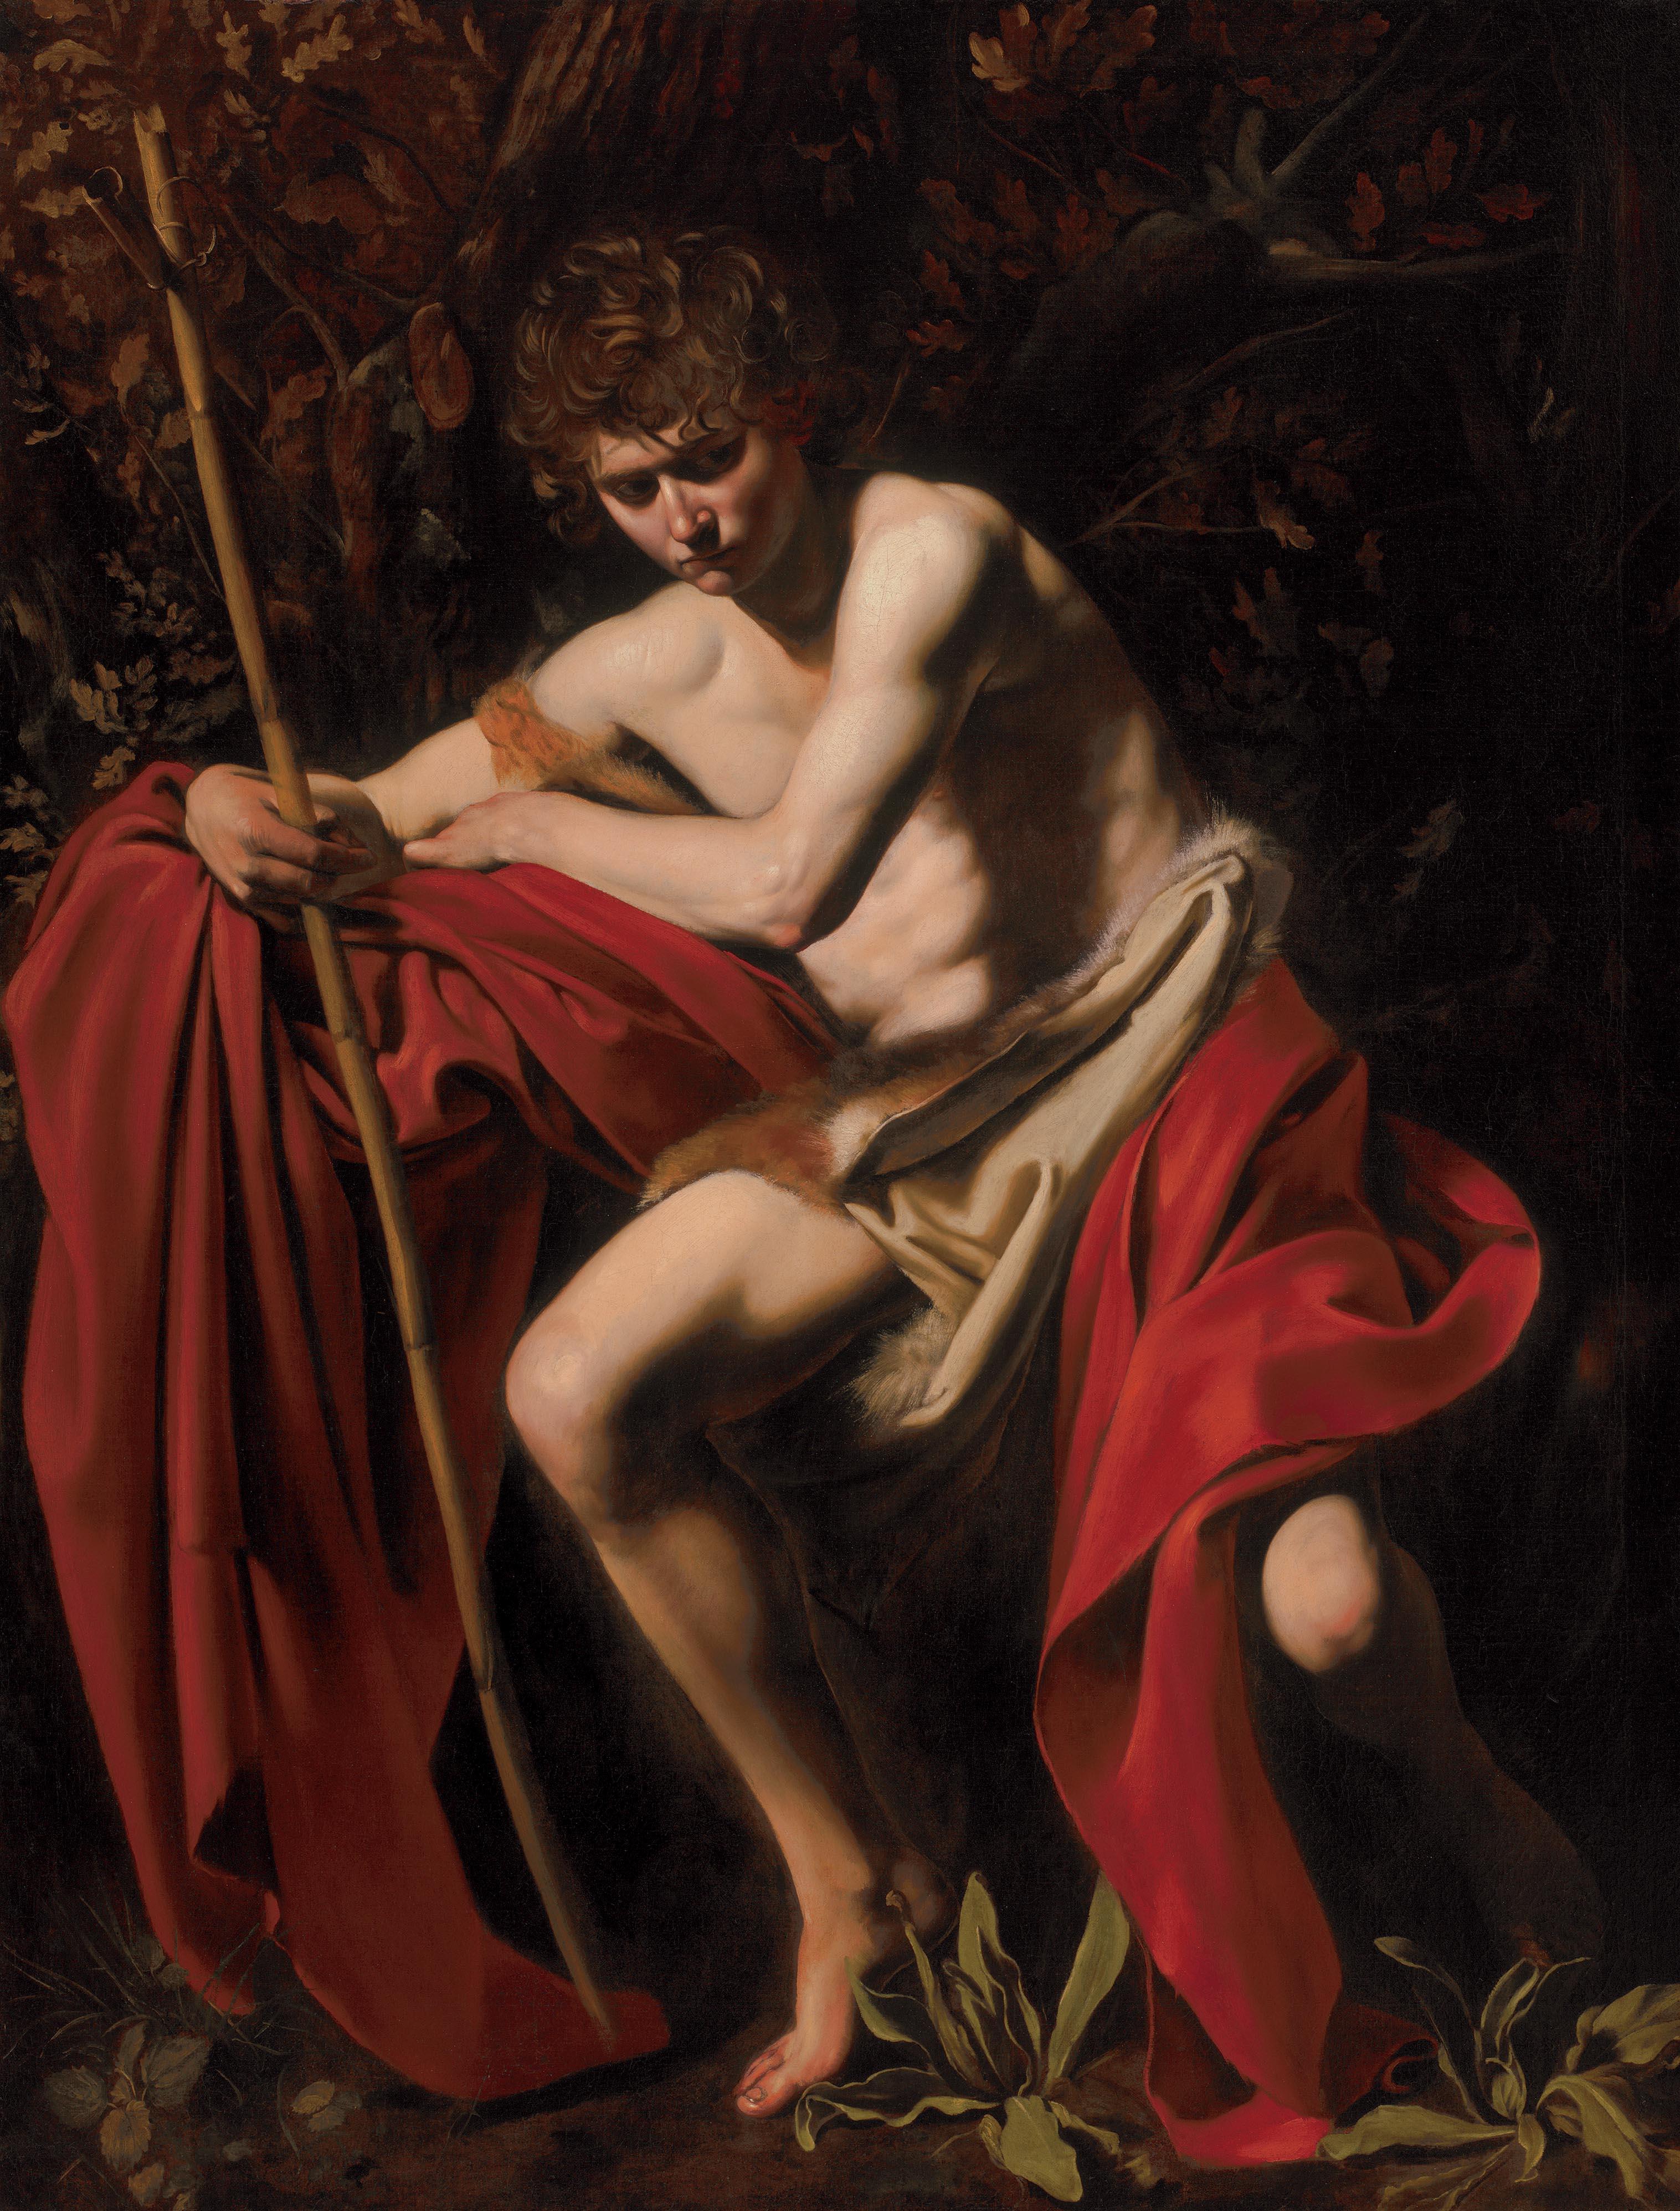 Super mostre, vince Caravaggio